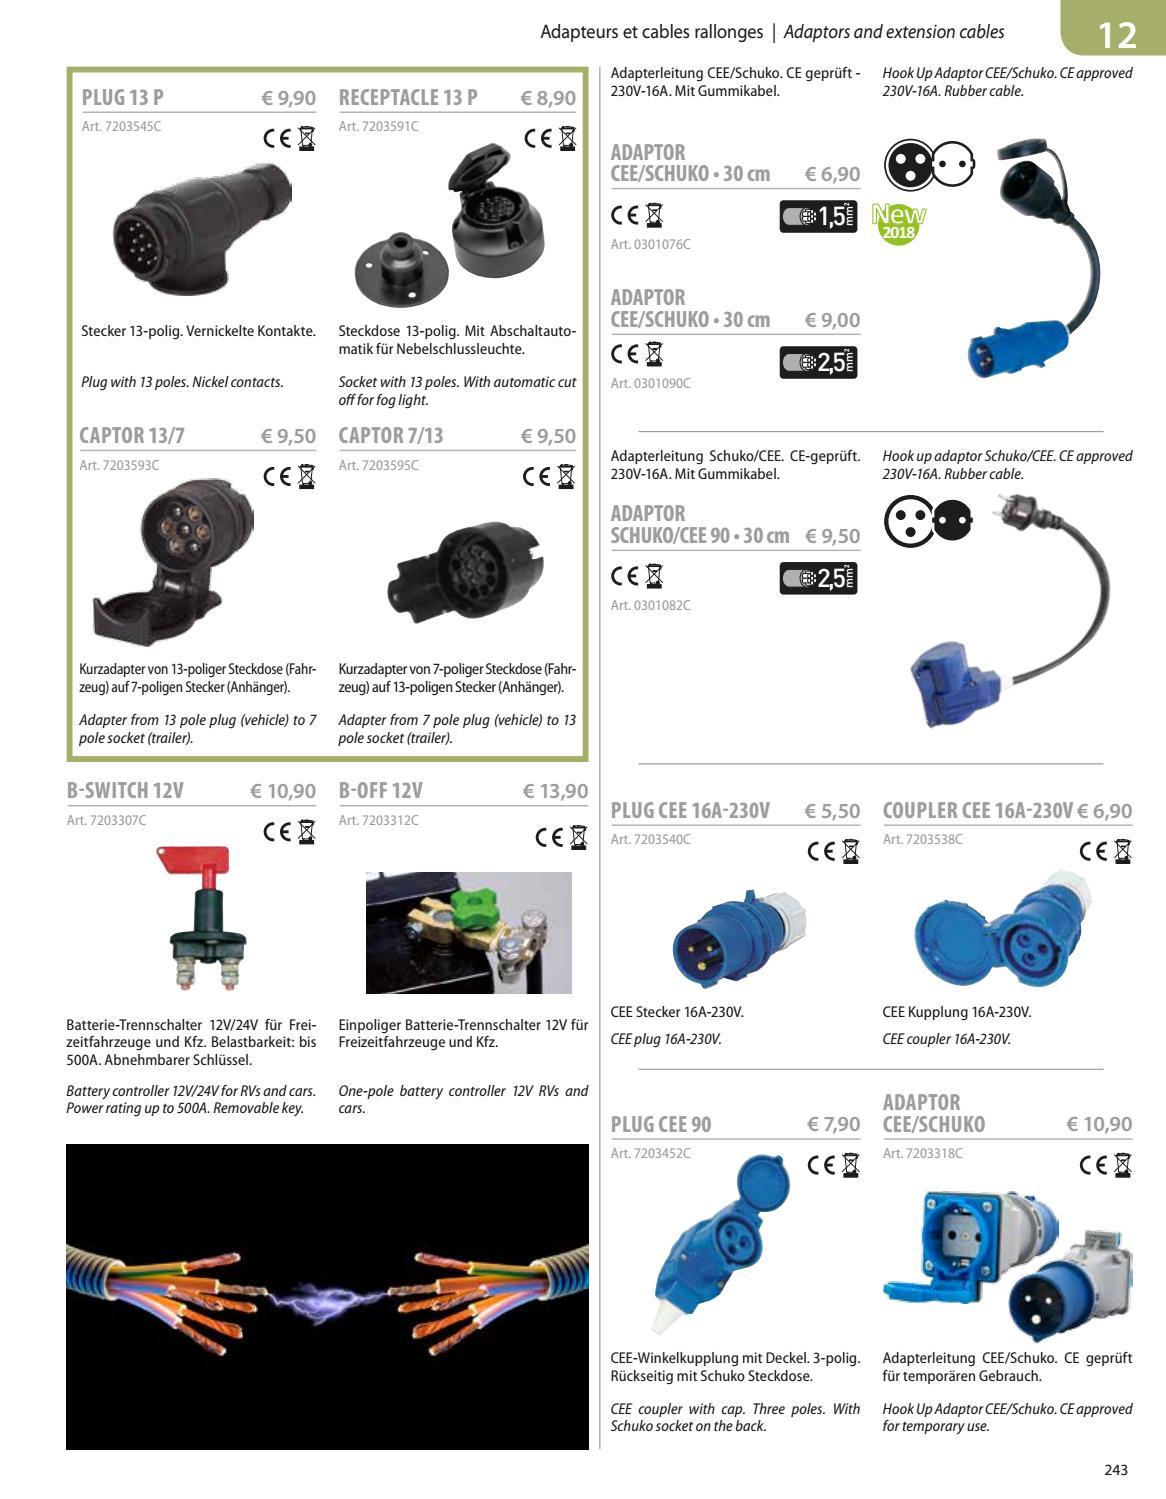 Adapterleitung Brunner CEE//CEE-Winkelkupplung